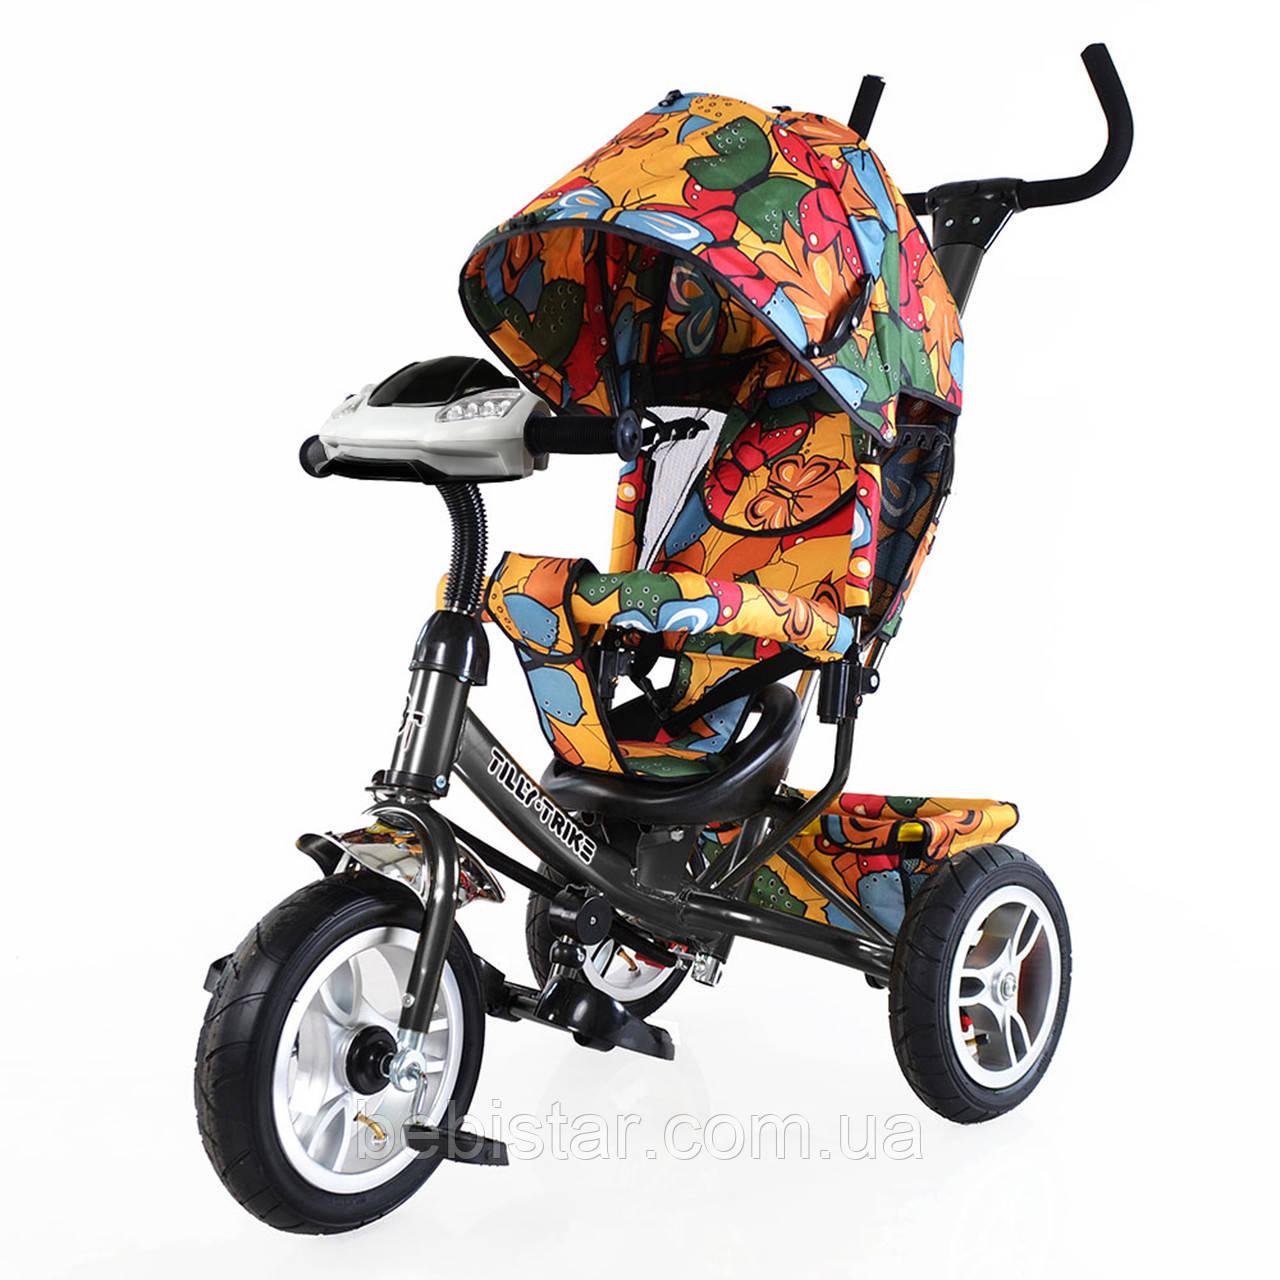 Детский трехколесный велосипед музыка и свет TILLY Trike T-351-7 надувные колеса графитовый